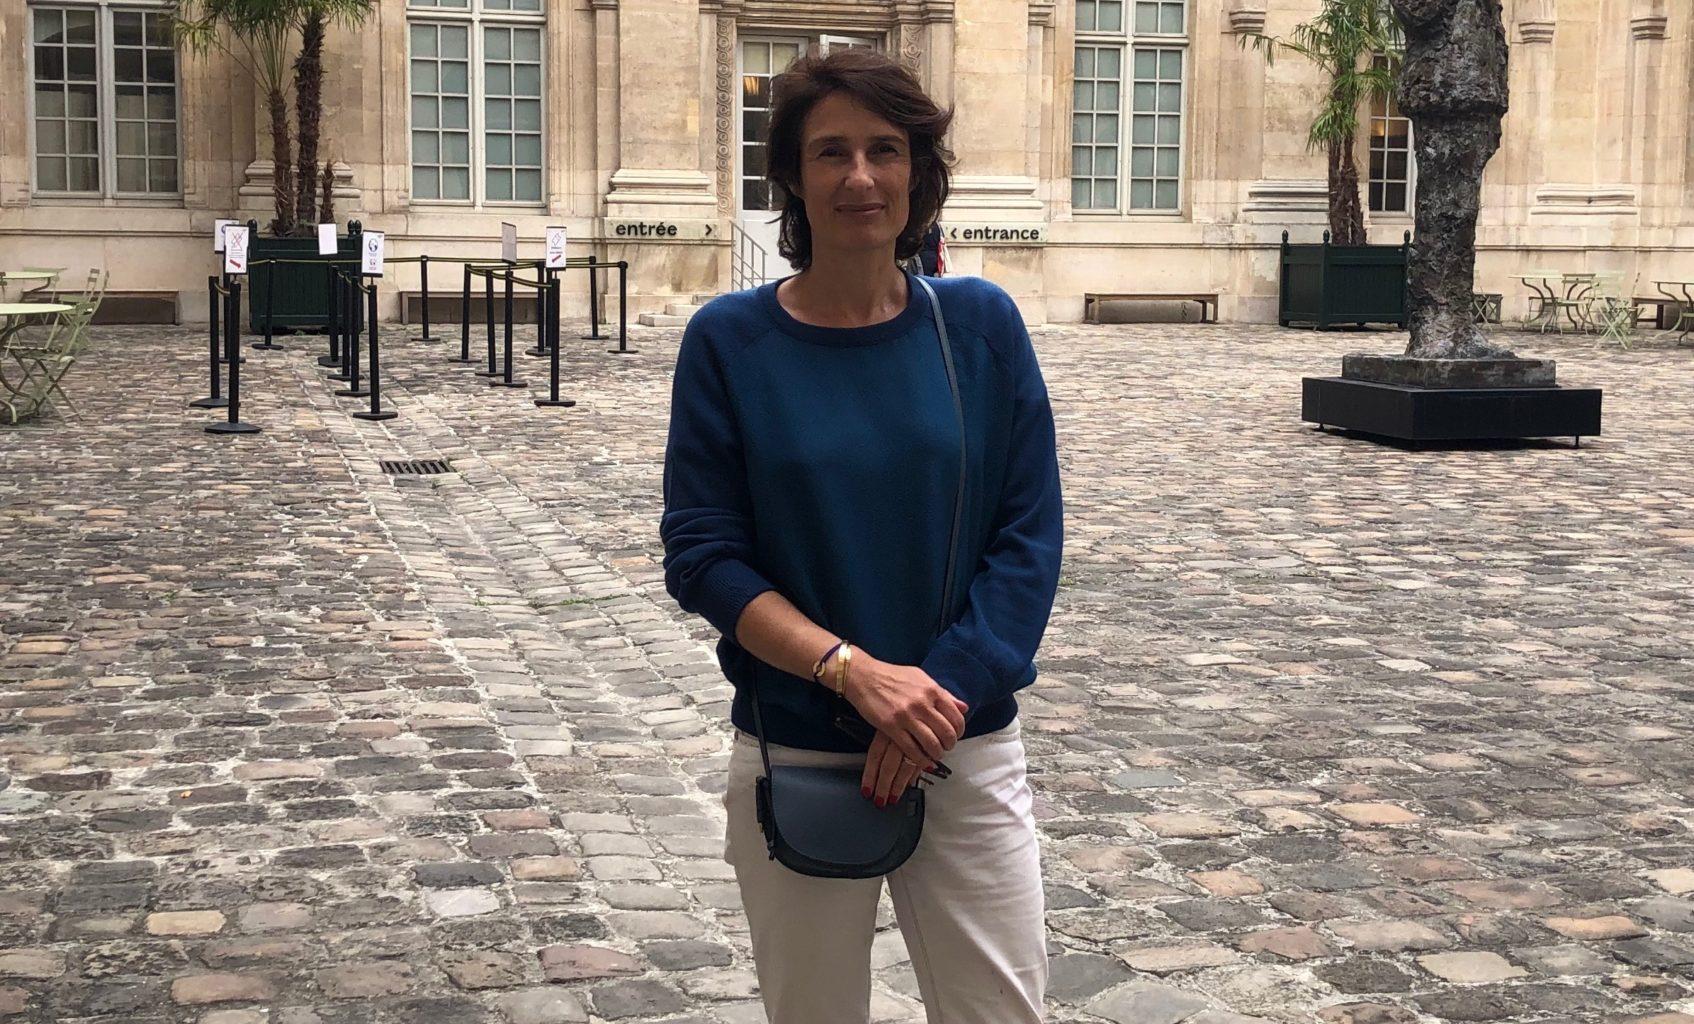 """Pascale Samuel, conservatrice de l'exposition, s'intéresse à la """"présence juive"""" dans la peinture. Crédit : Valentin Chomienne."""